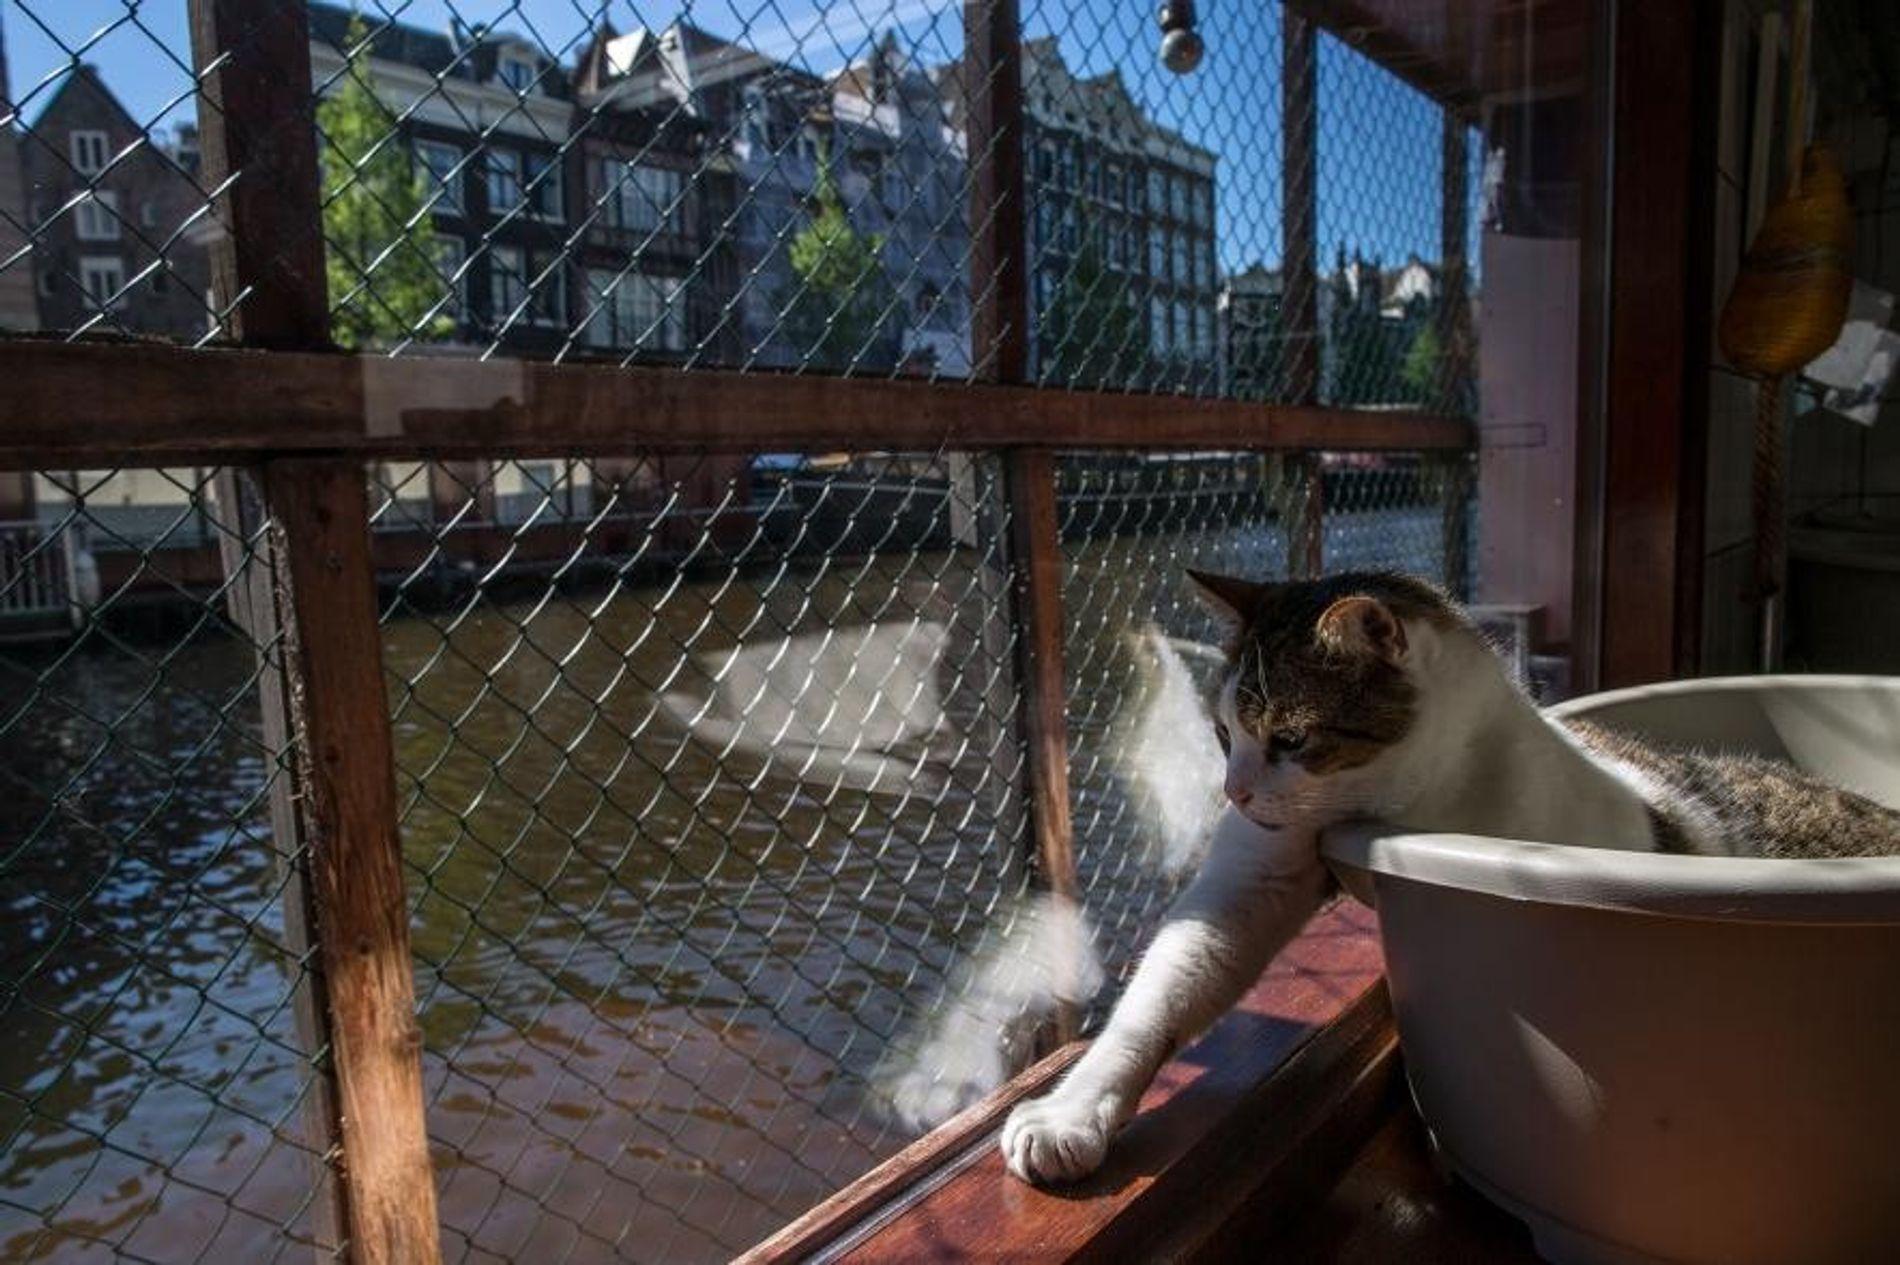 Bienvenido al barco de los gatos, el único santuario de animales flotante